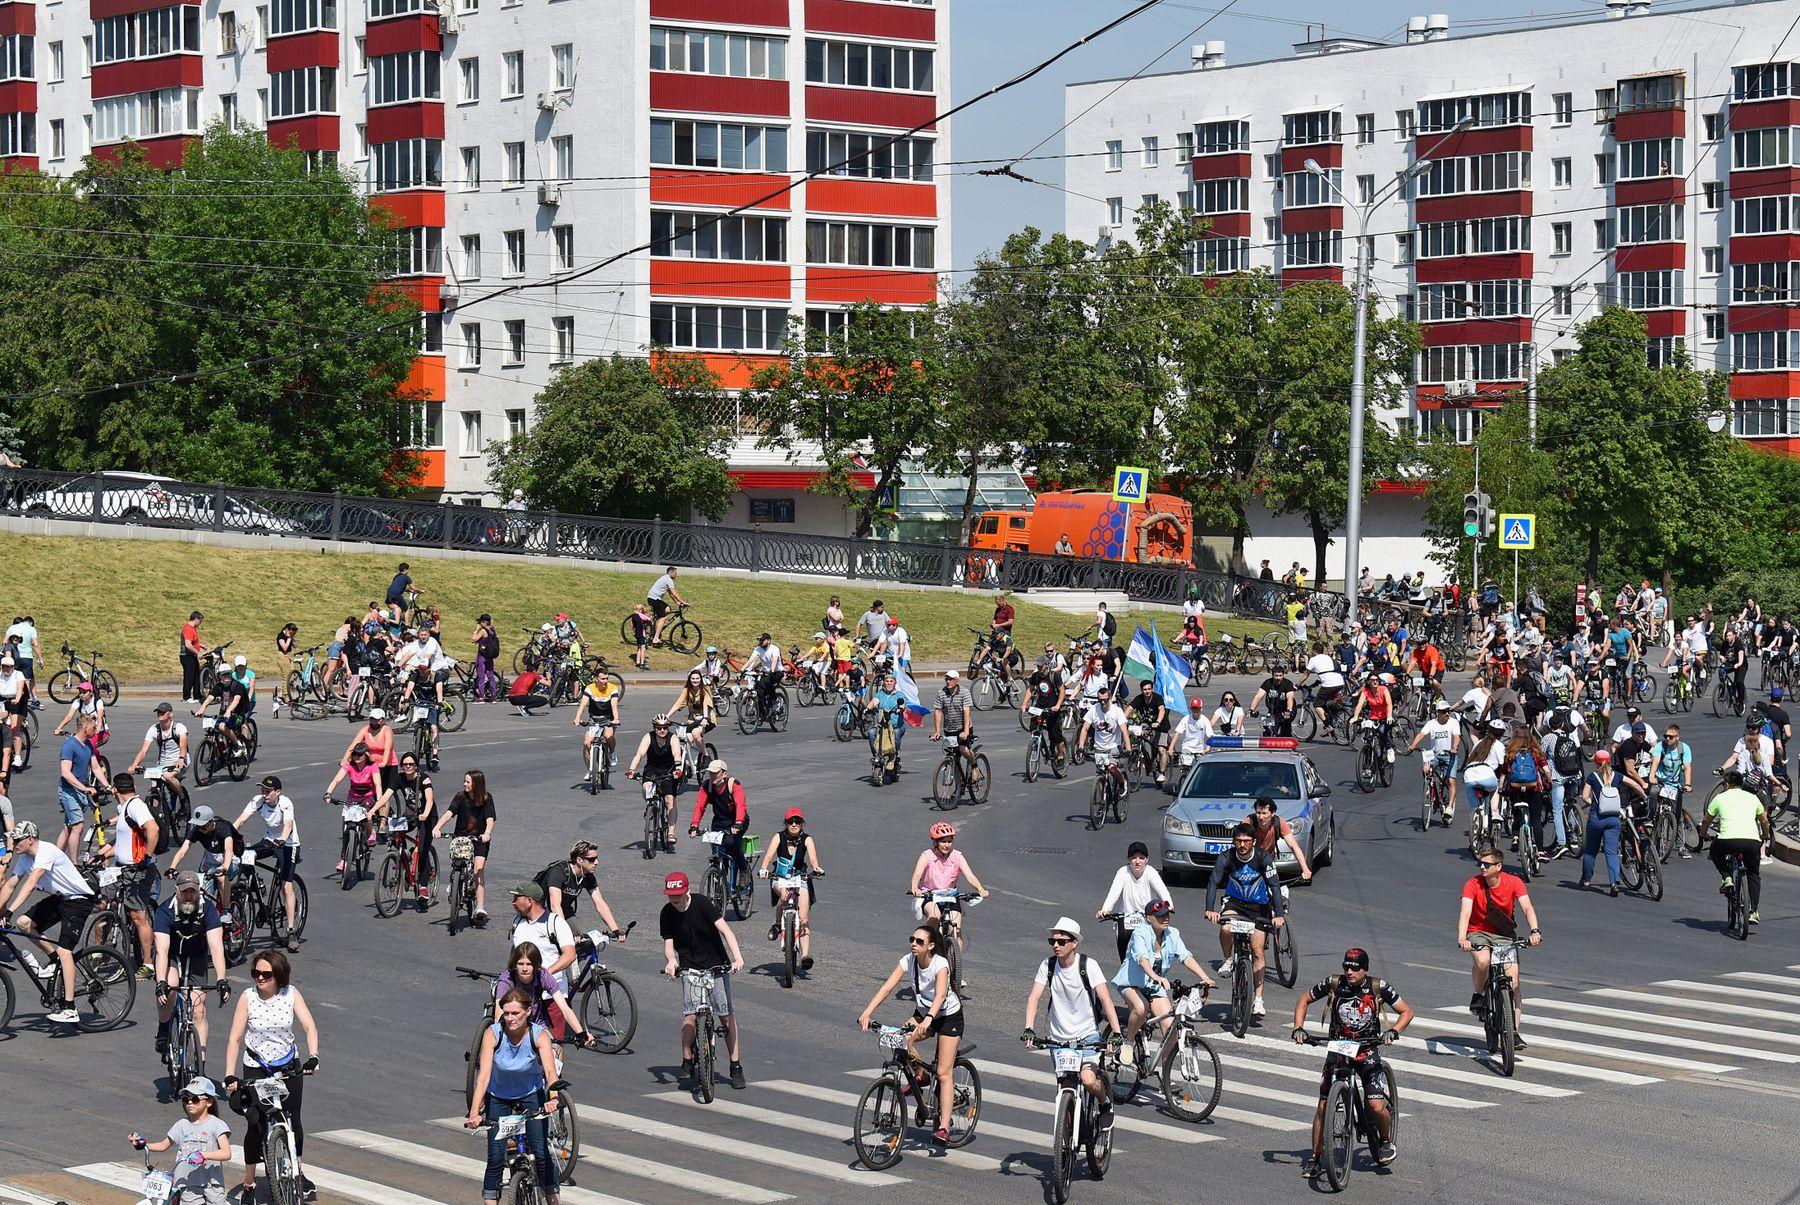 Велонашествие 2021 город улица велосипедисты